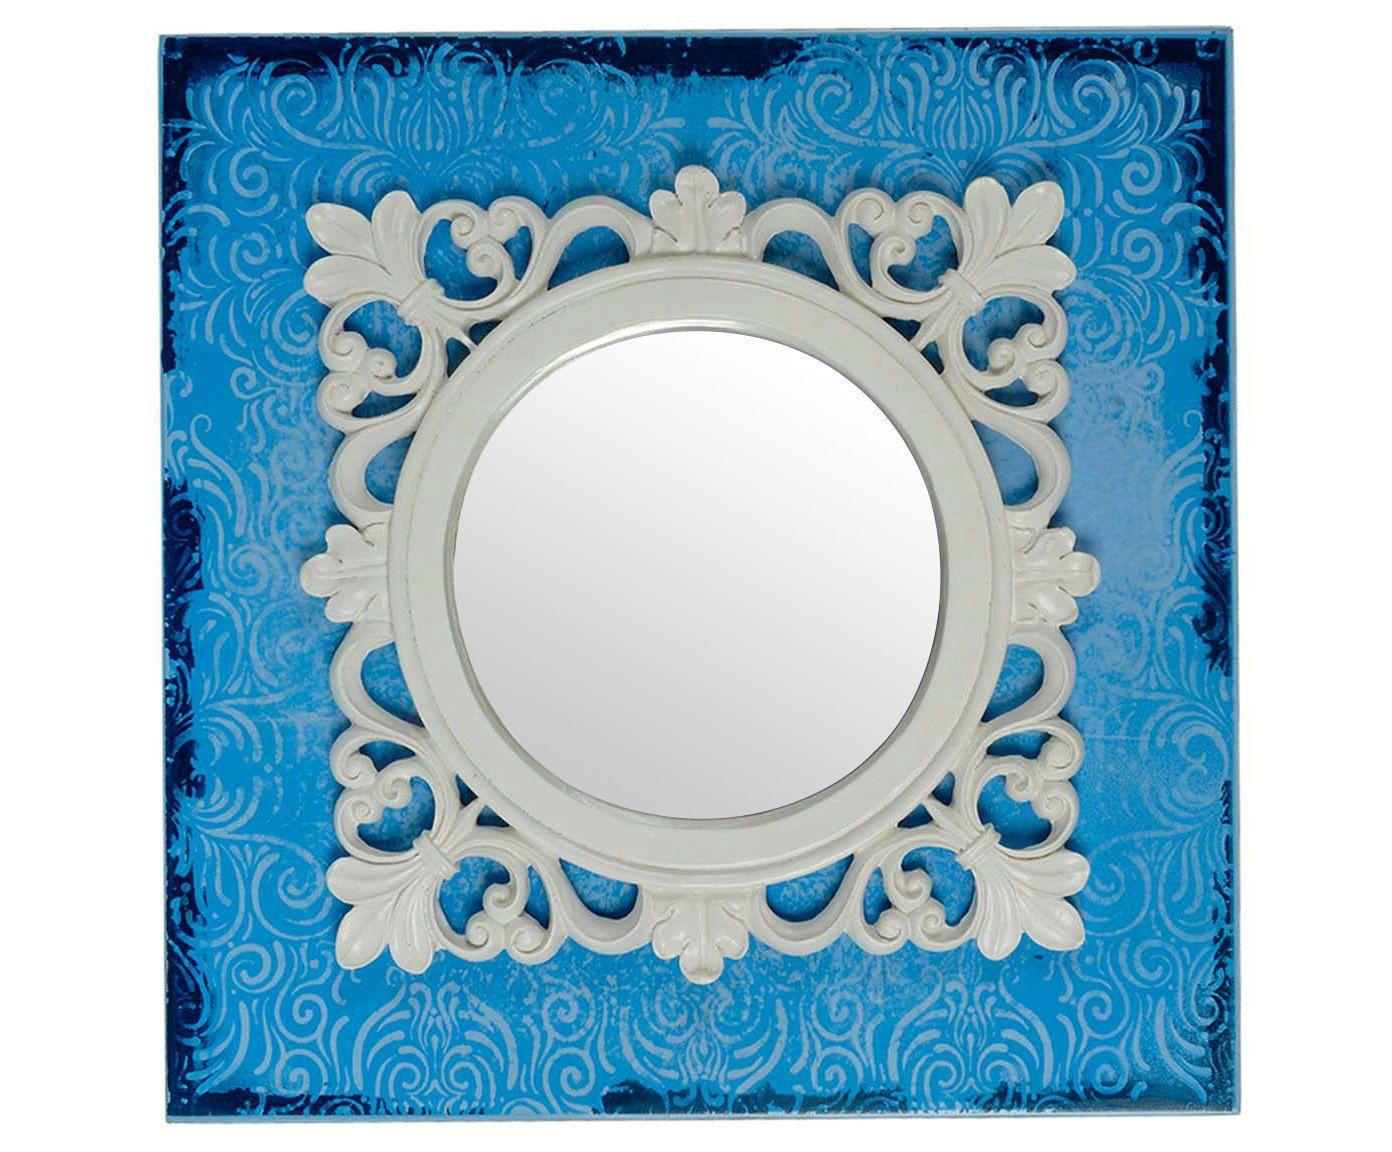 Quadro com Espelho Belle Forms Square - 45X45cm   Westwing.com.br